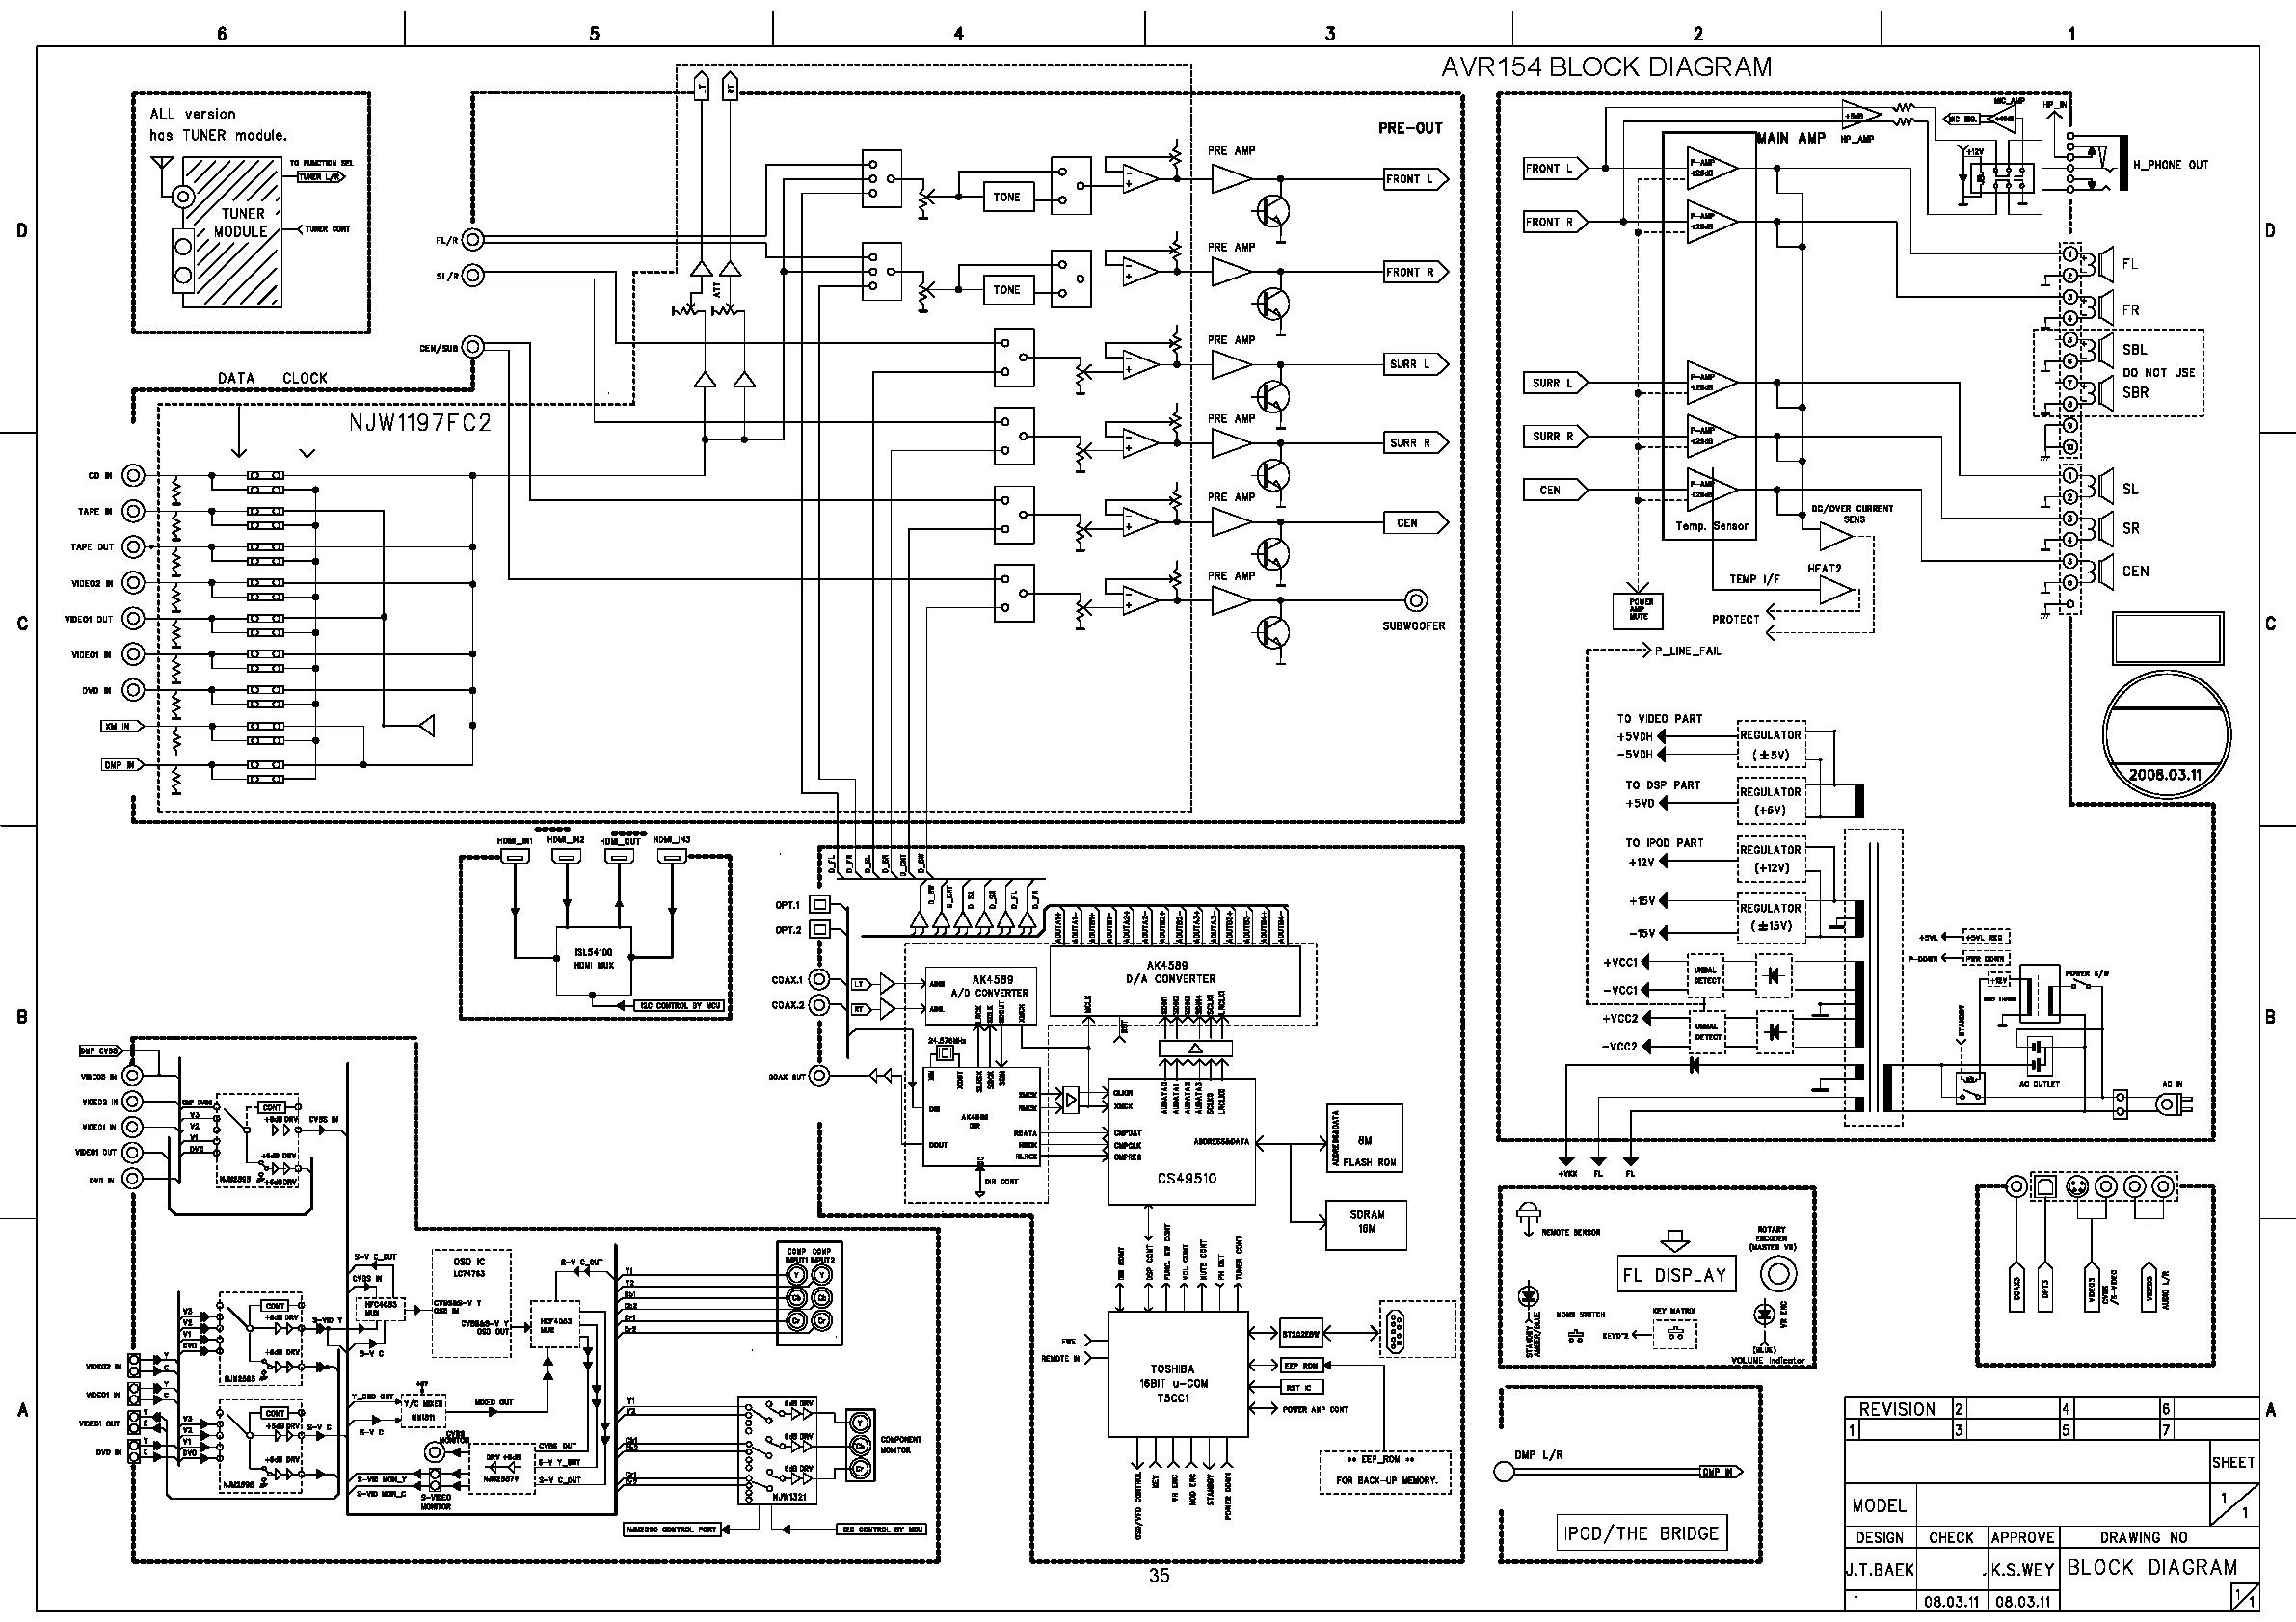 mitsubishi l200 wiring diagram 2008